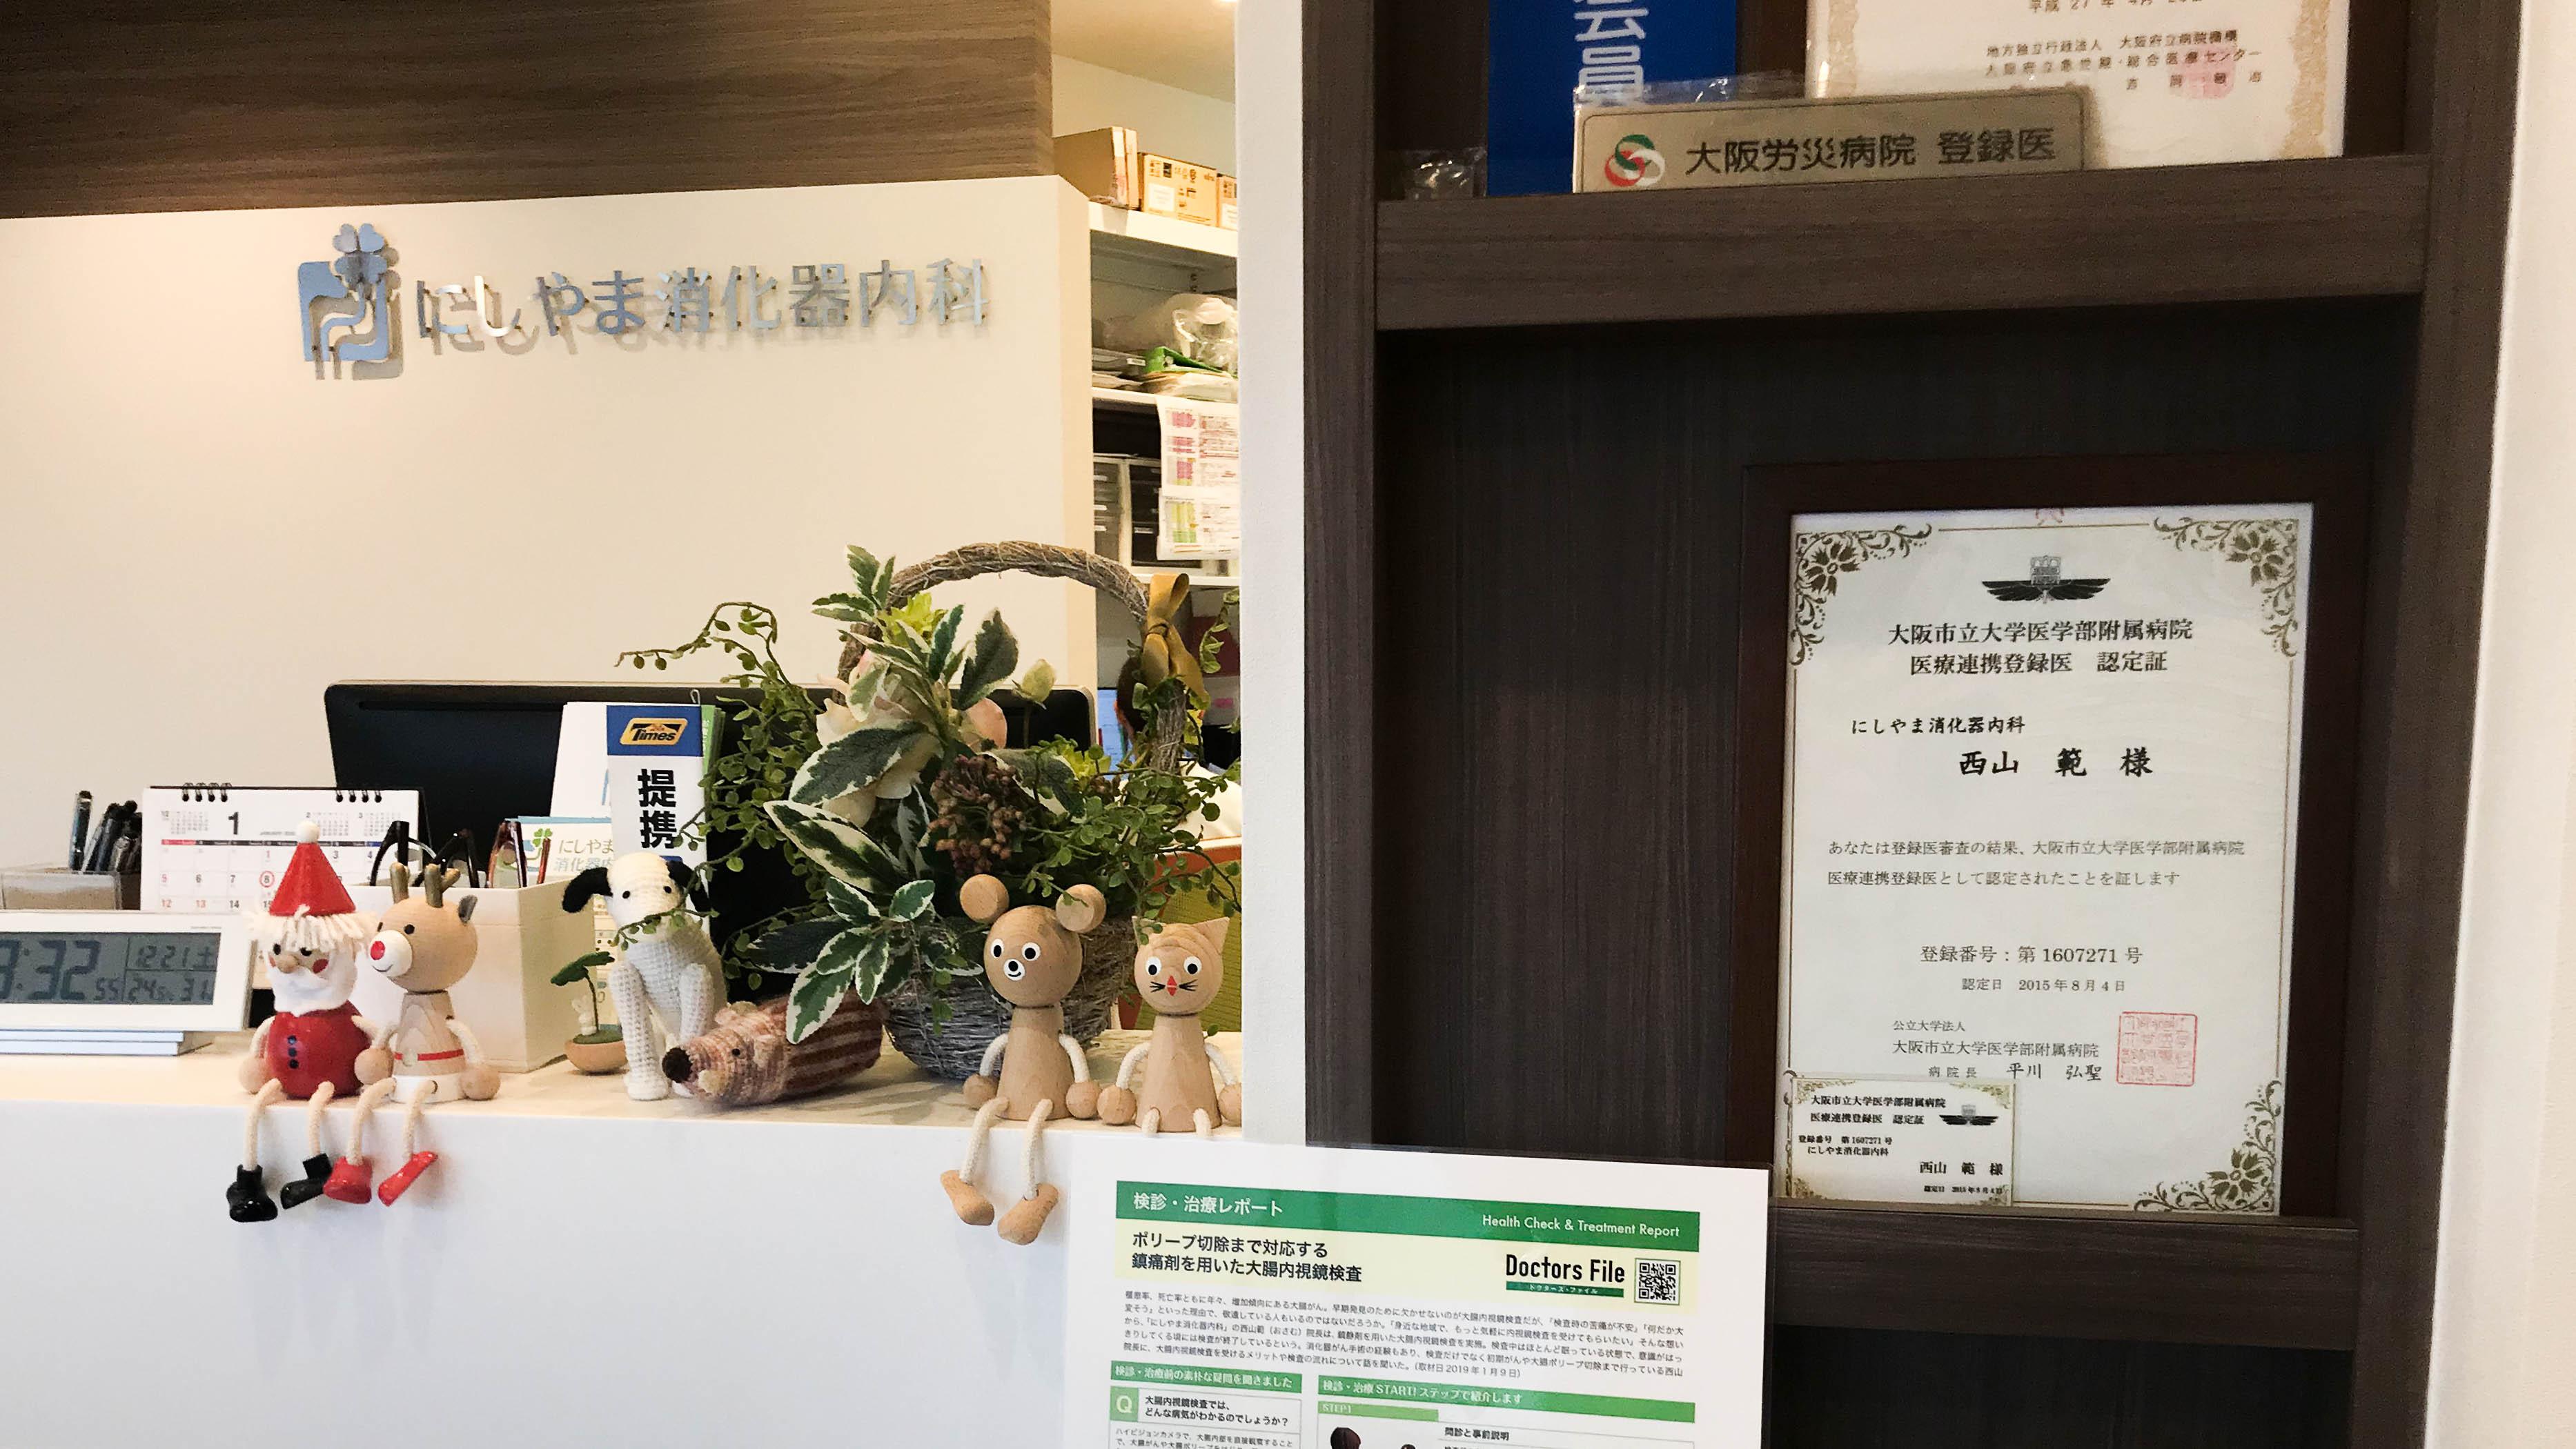 日本高级体检 西山消化器内科